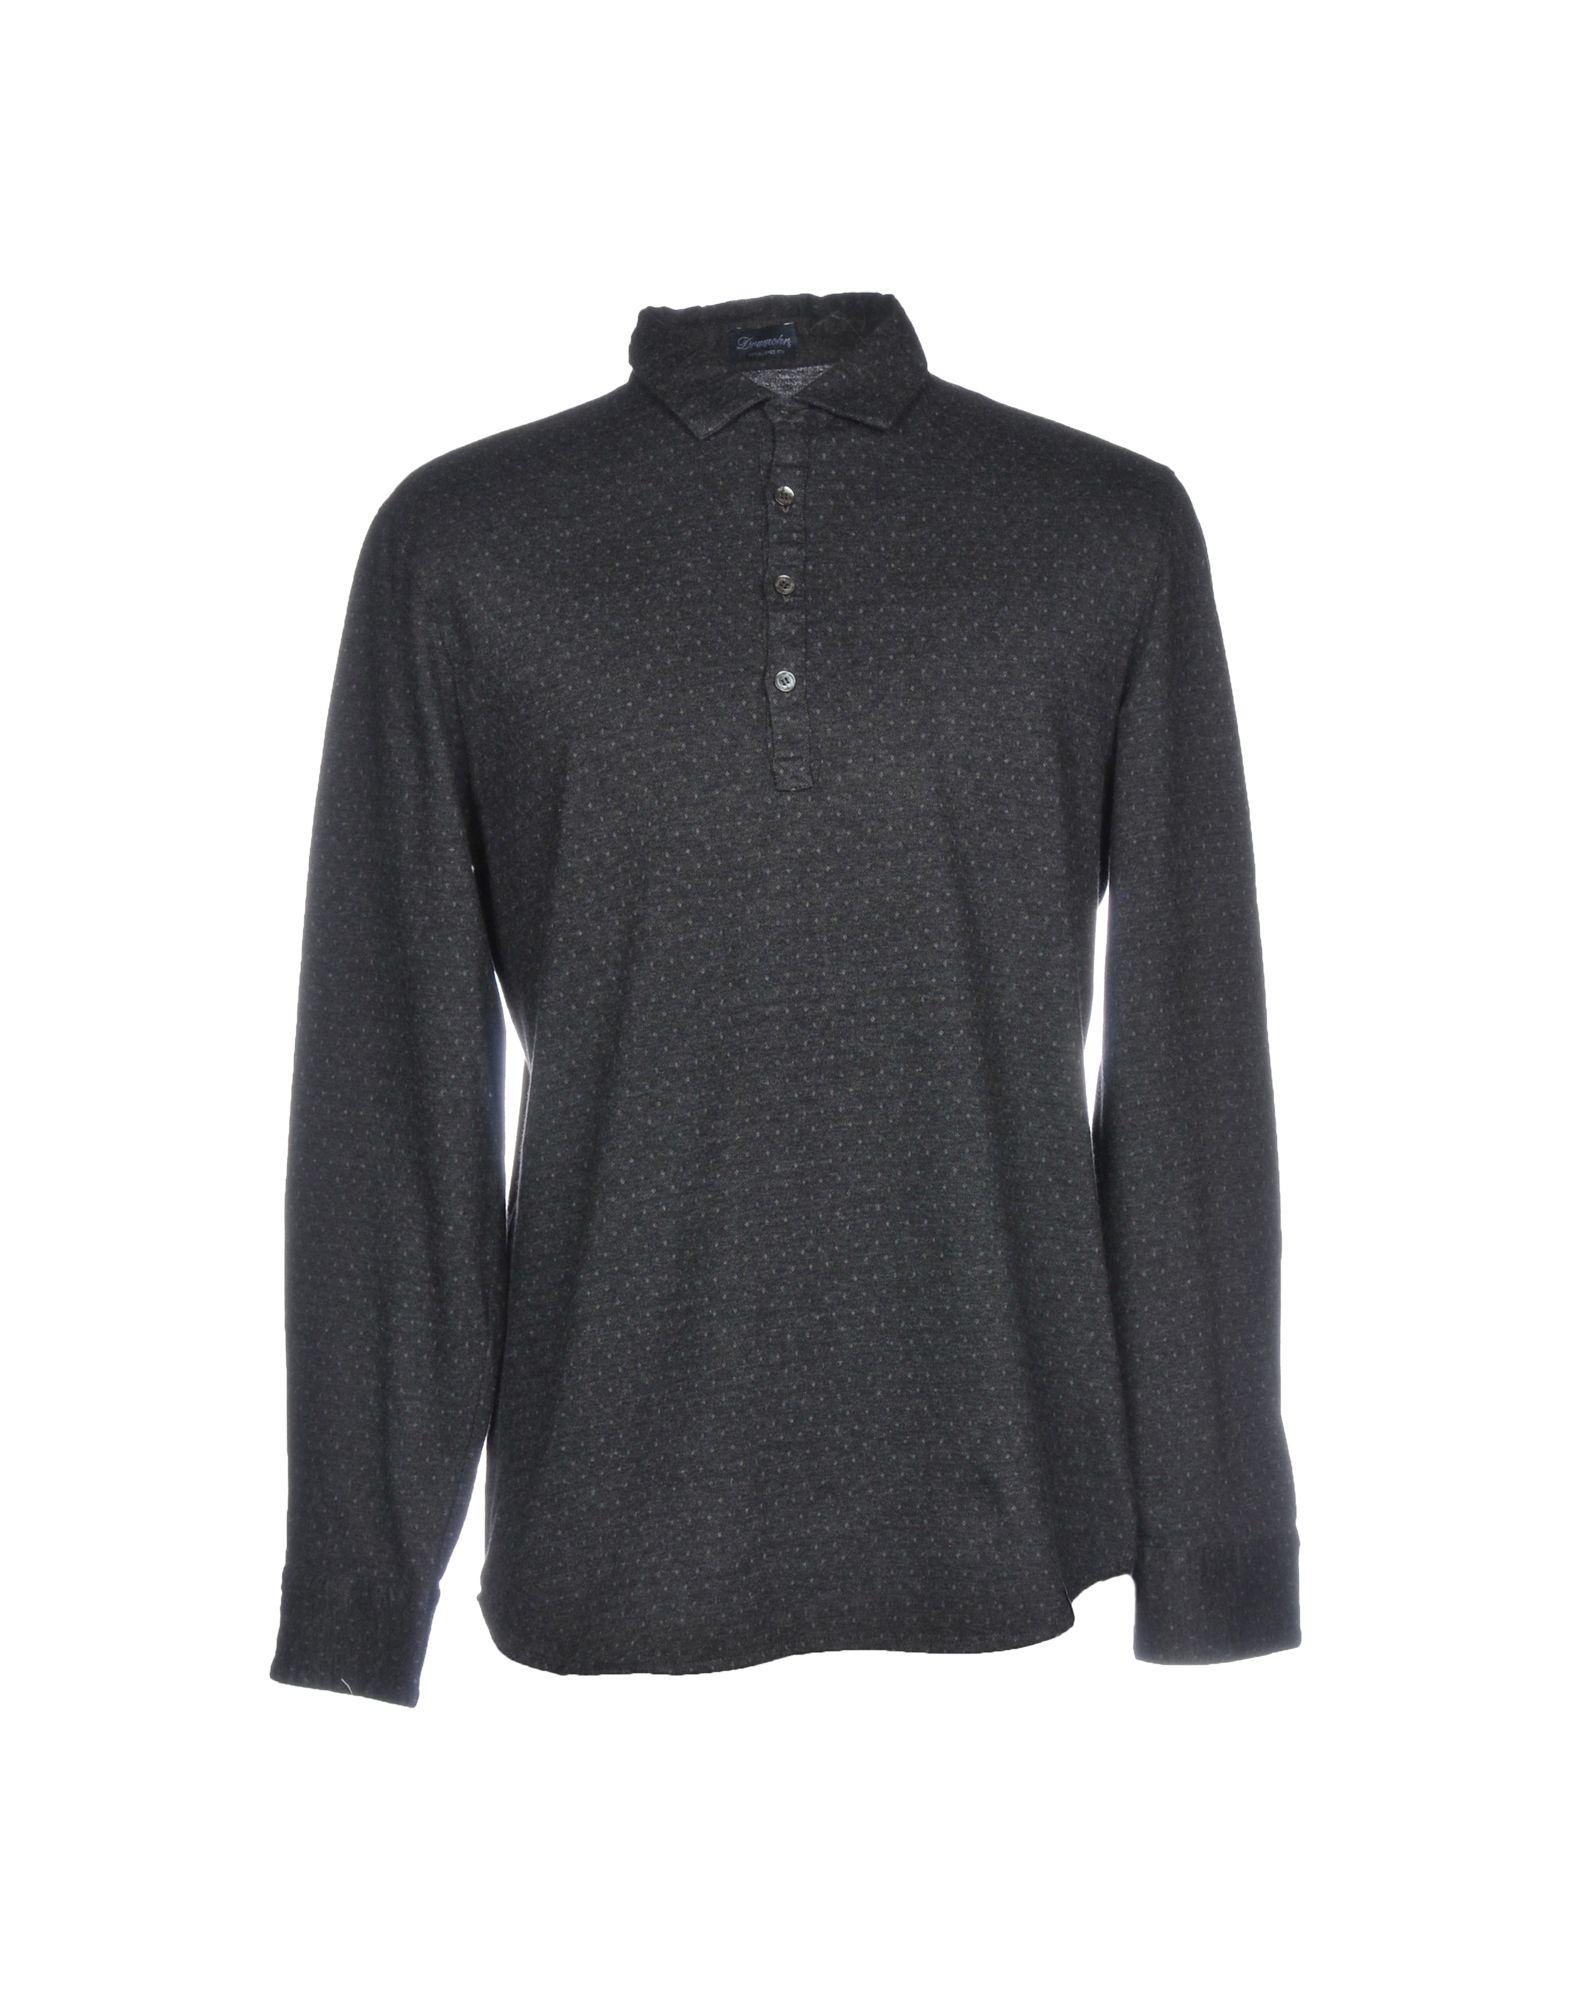 《送料無料》DRUMOHR メンズ ポロシャツ スチールグレー L コットン 100%